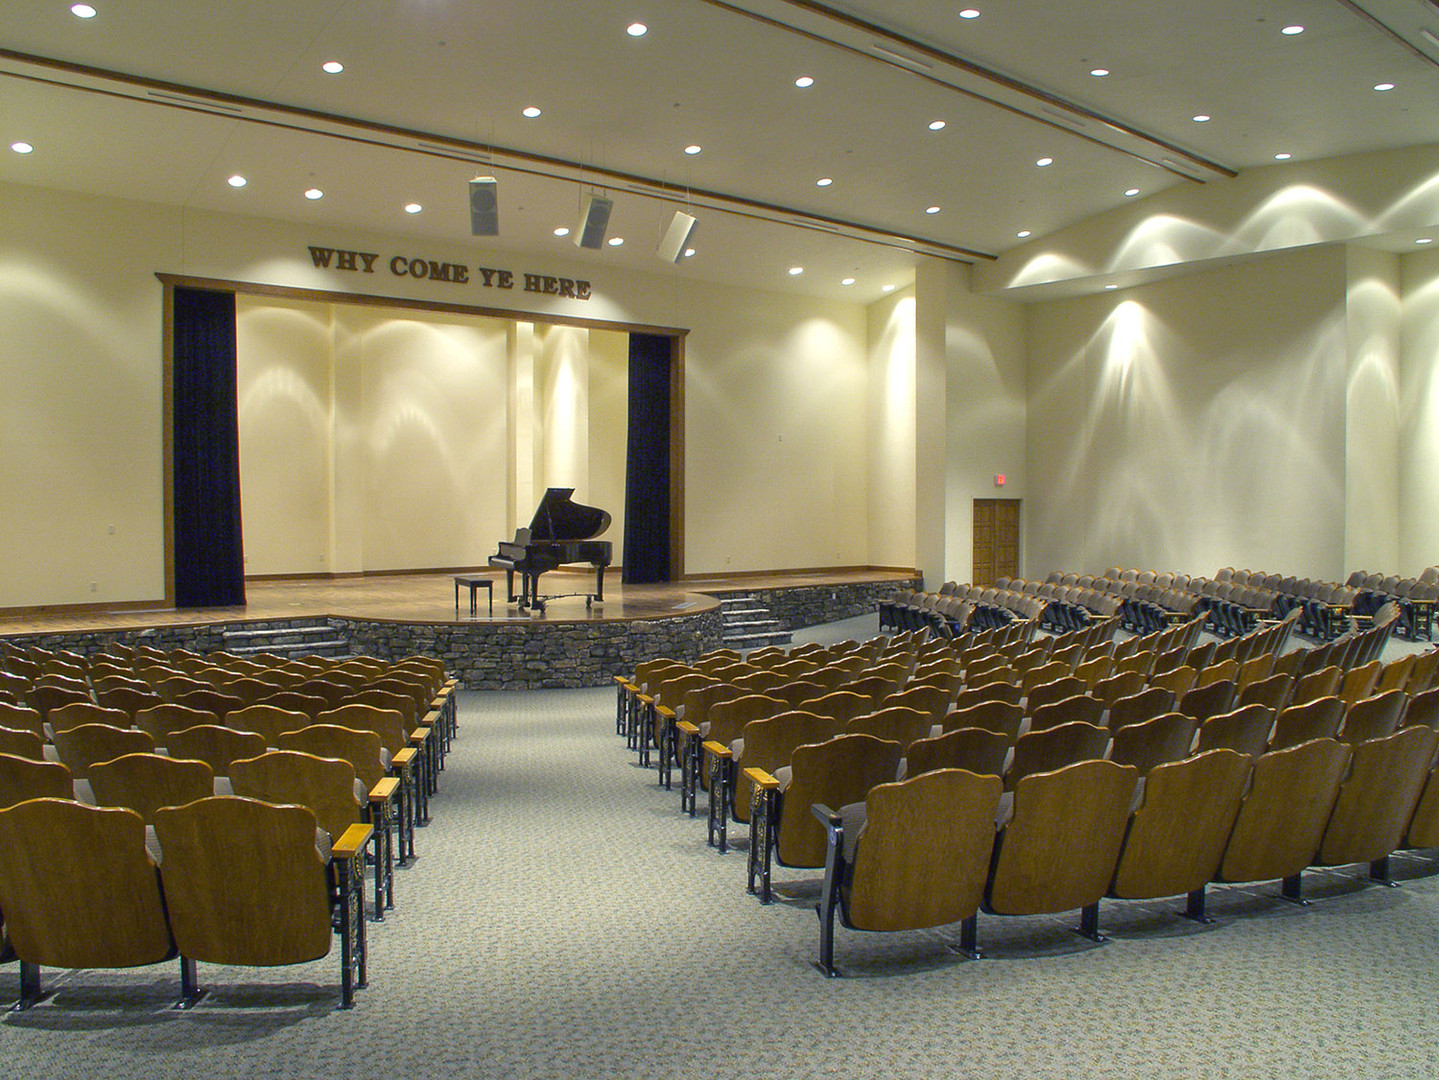 The Keeter Center